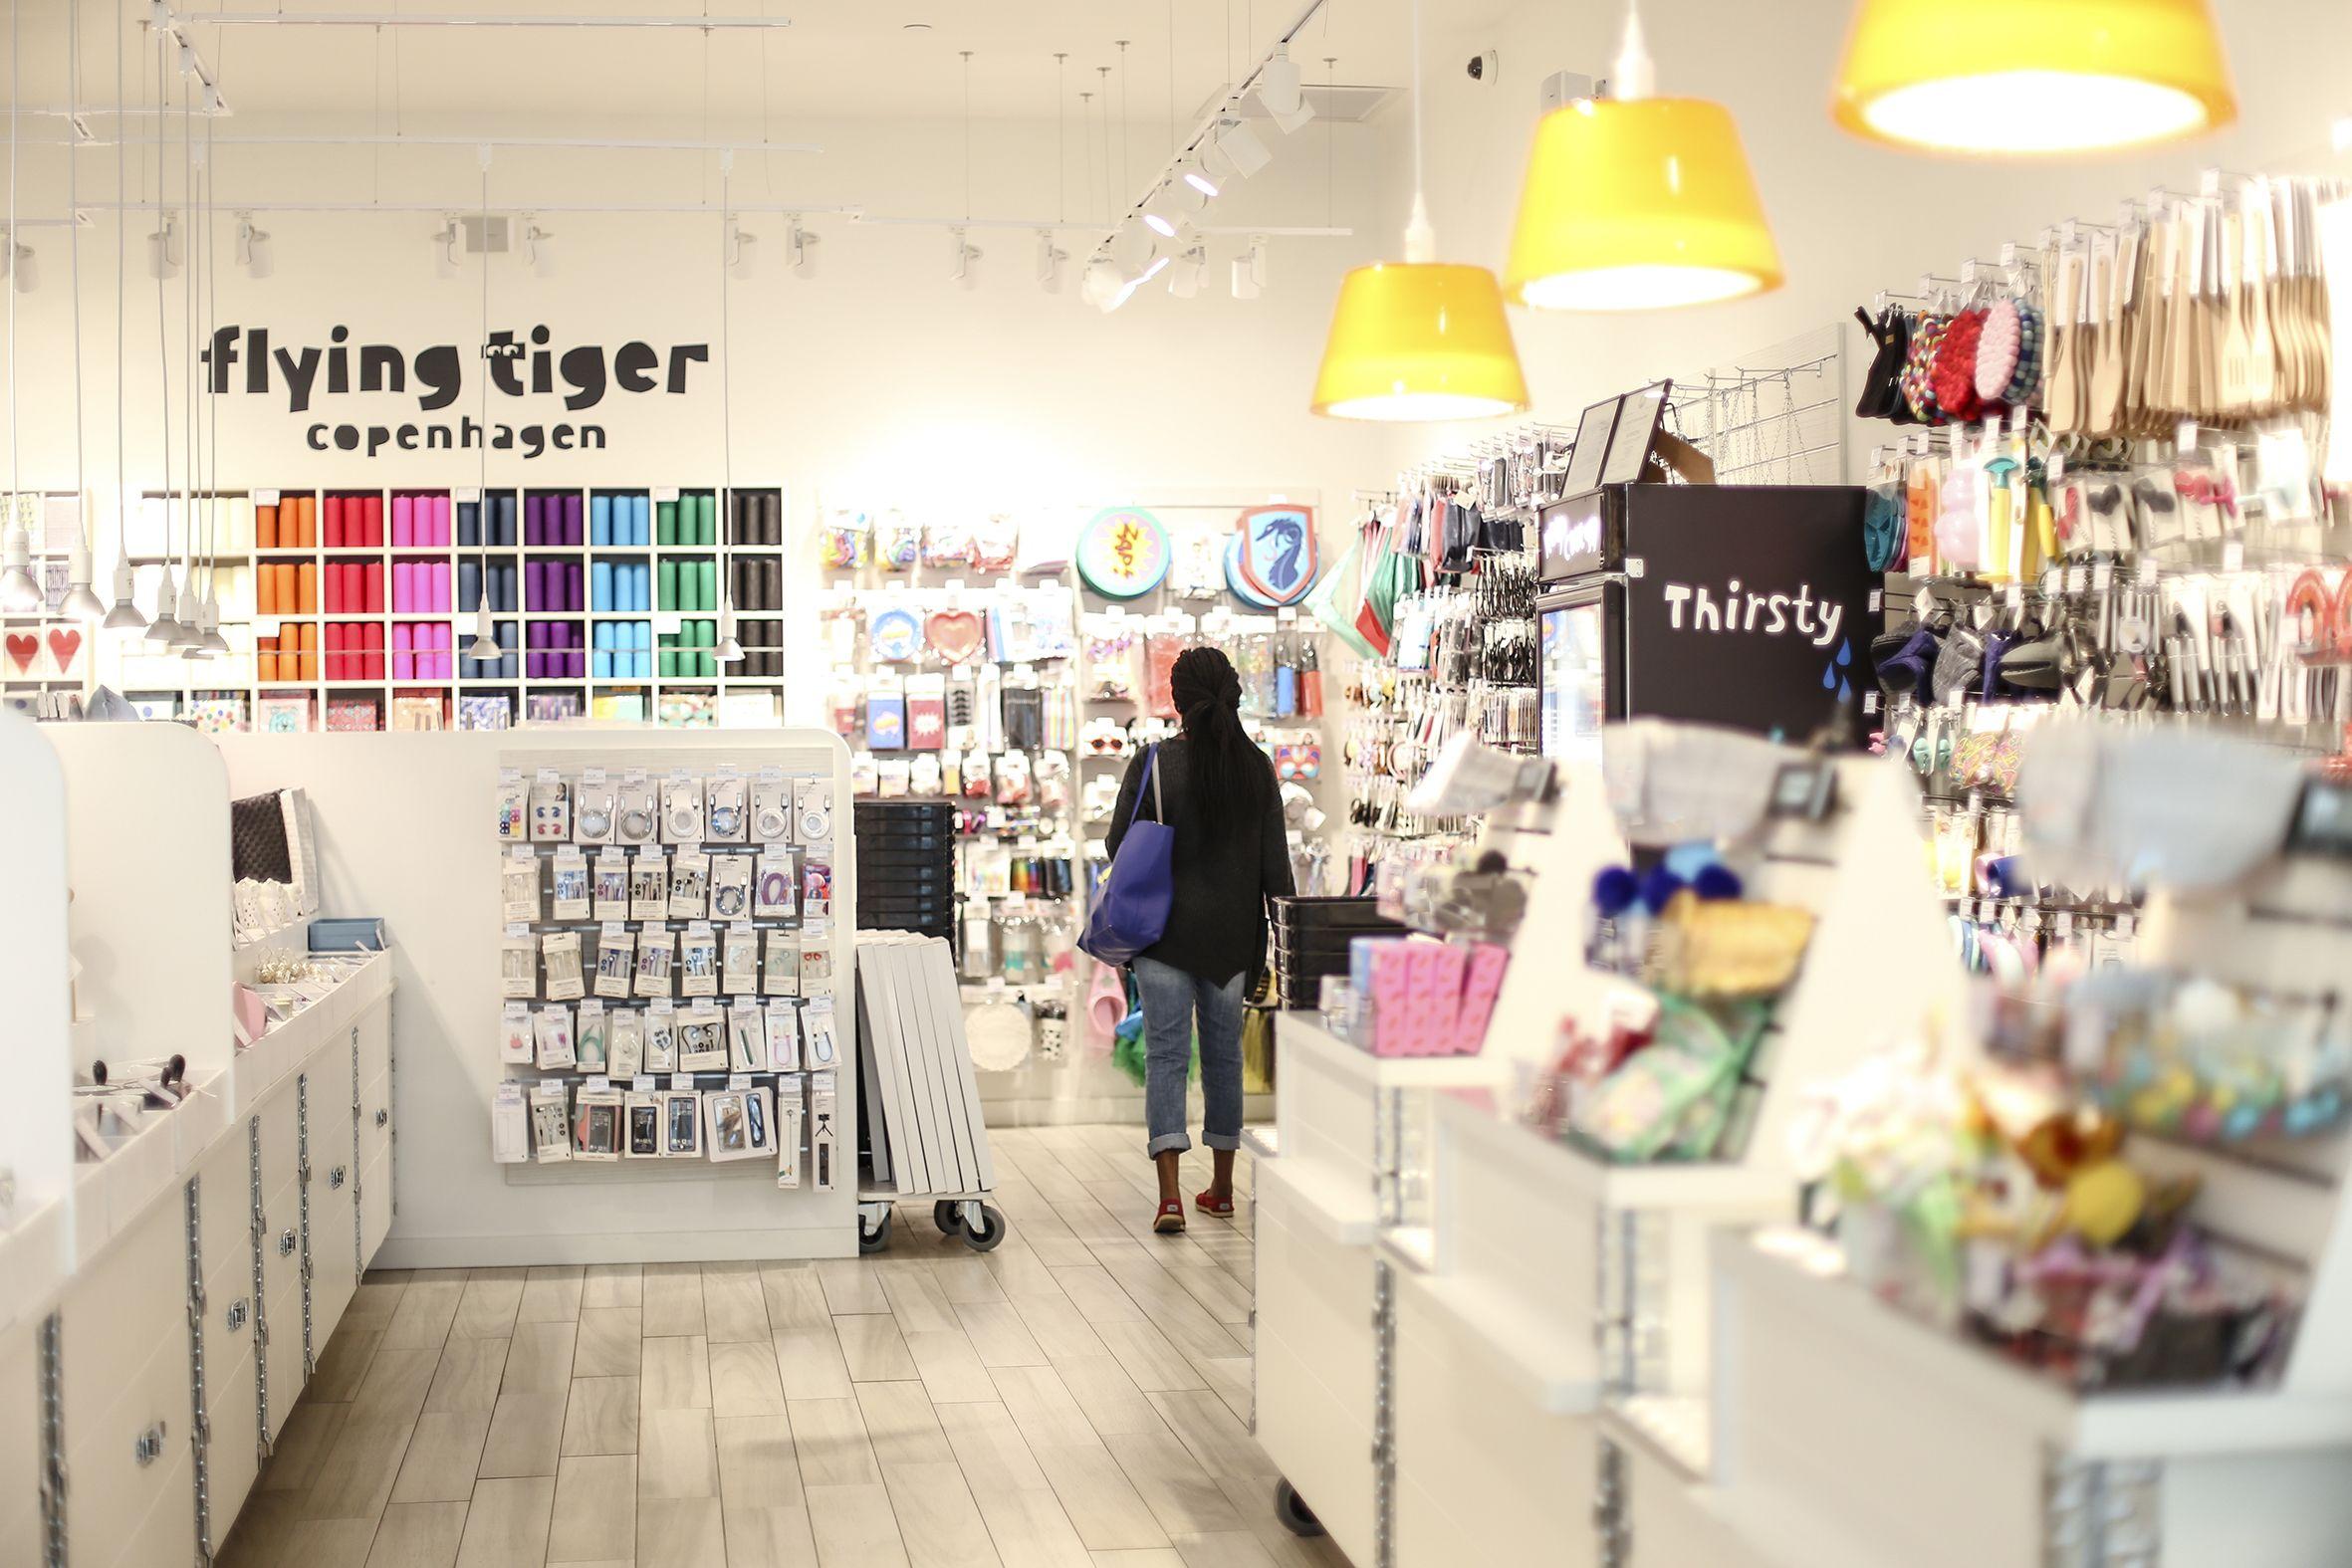 Produktrückrufe | Flying Tiger Copenhagen